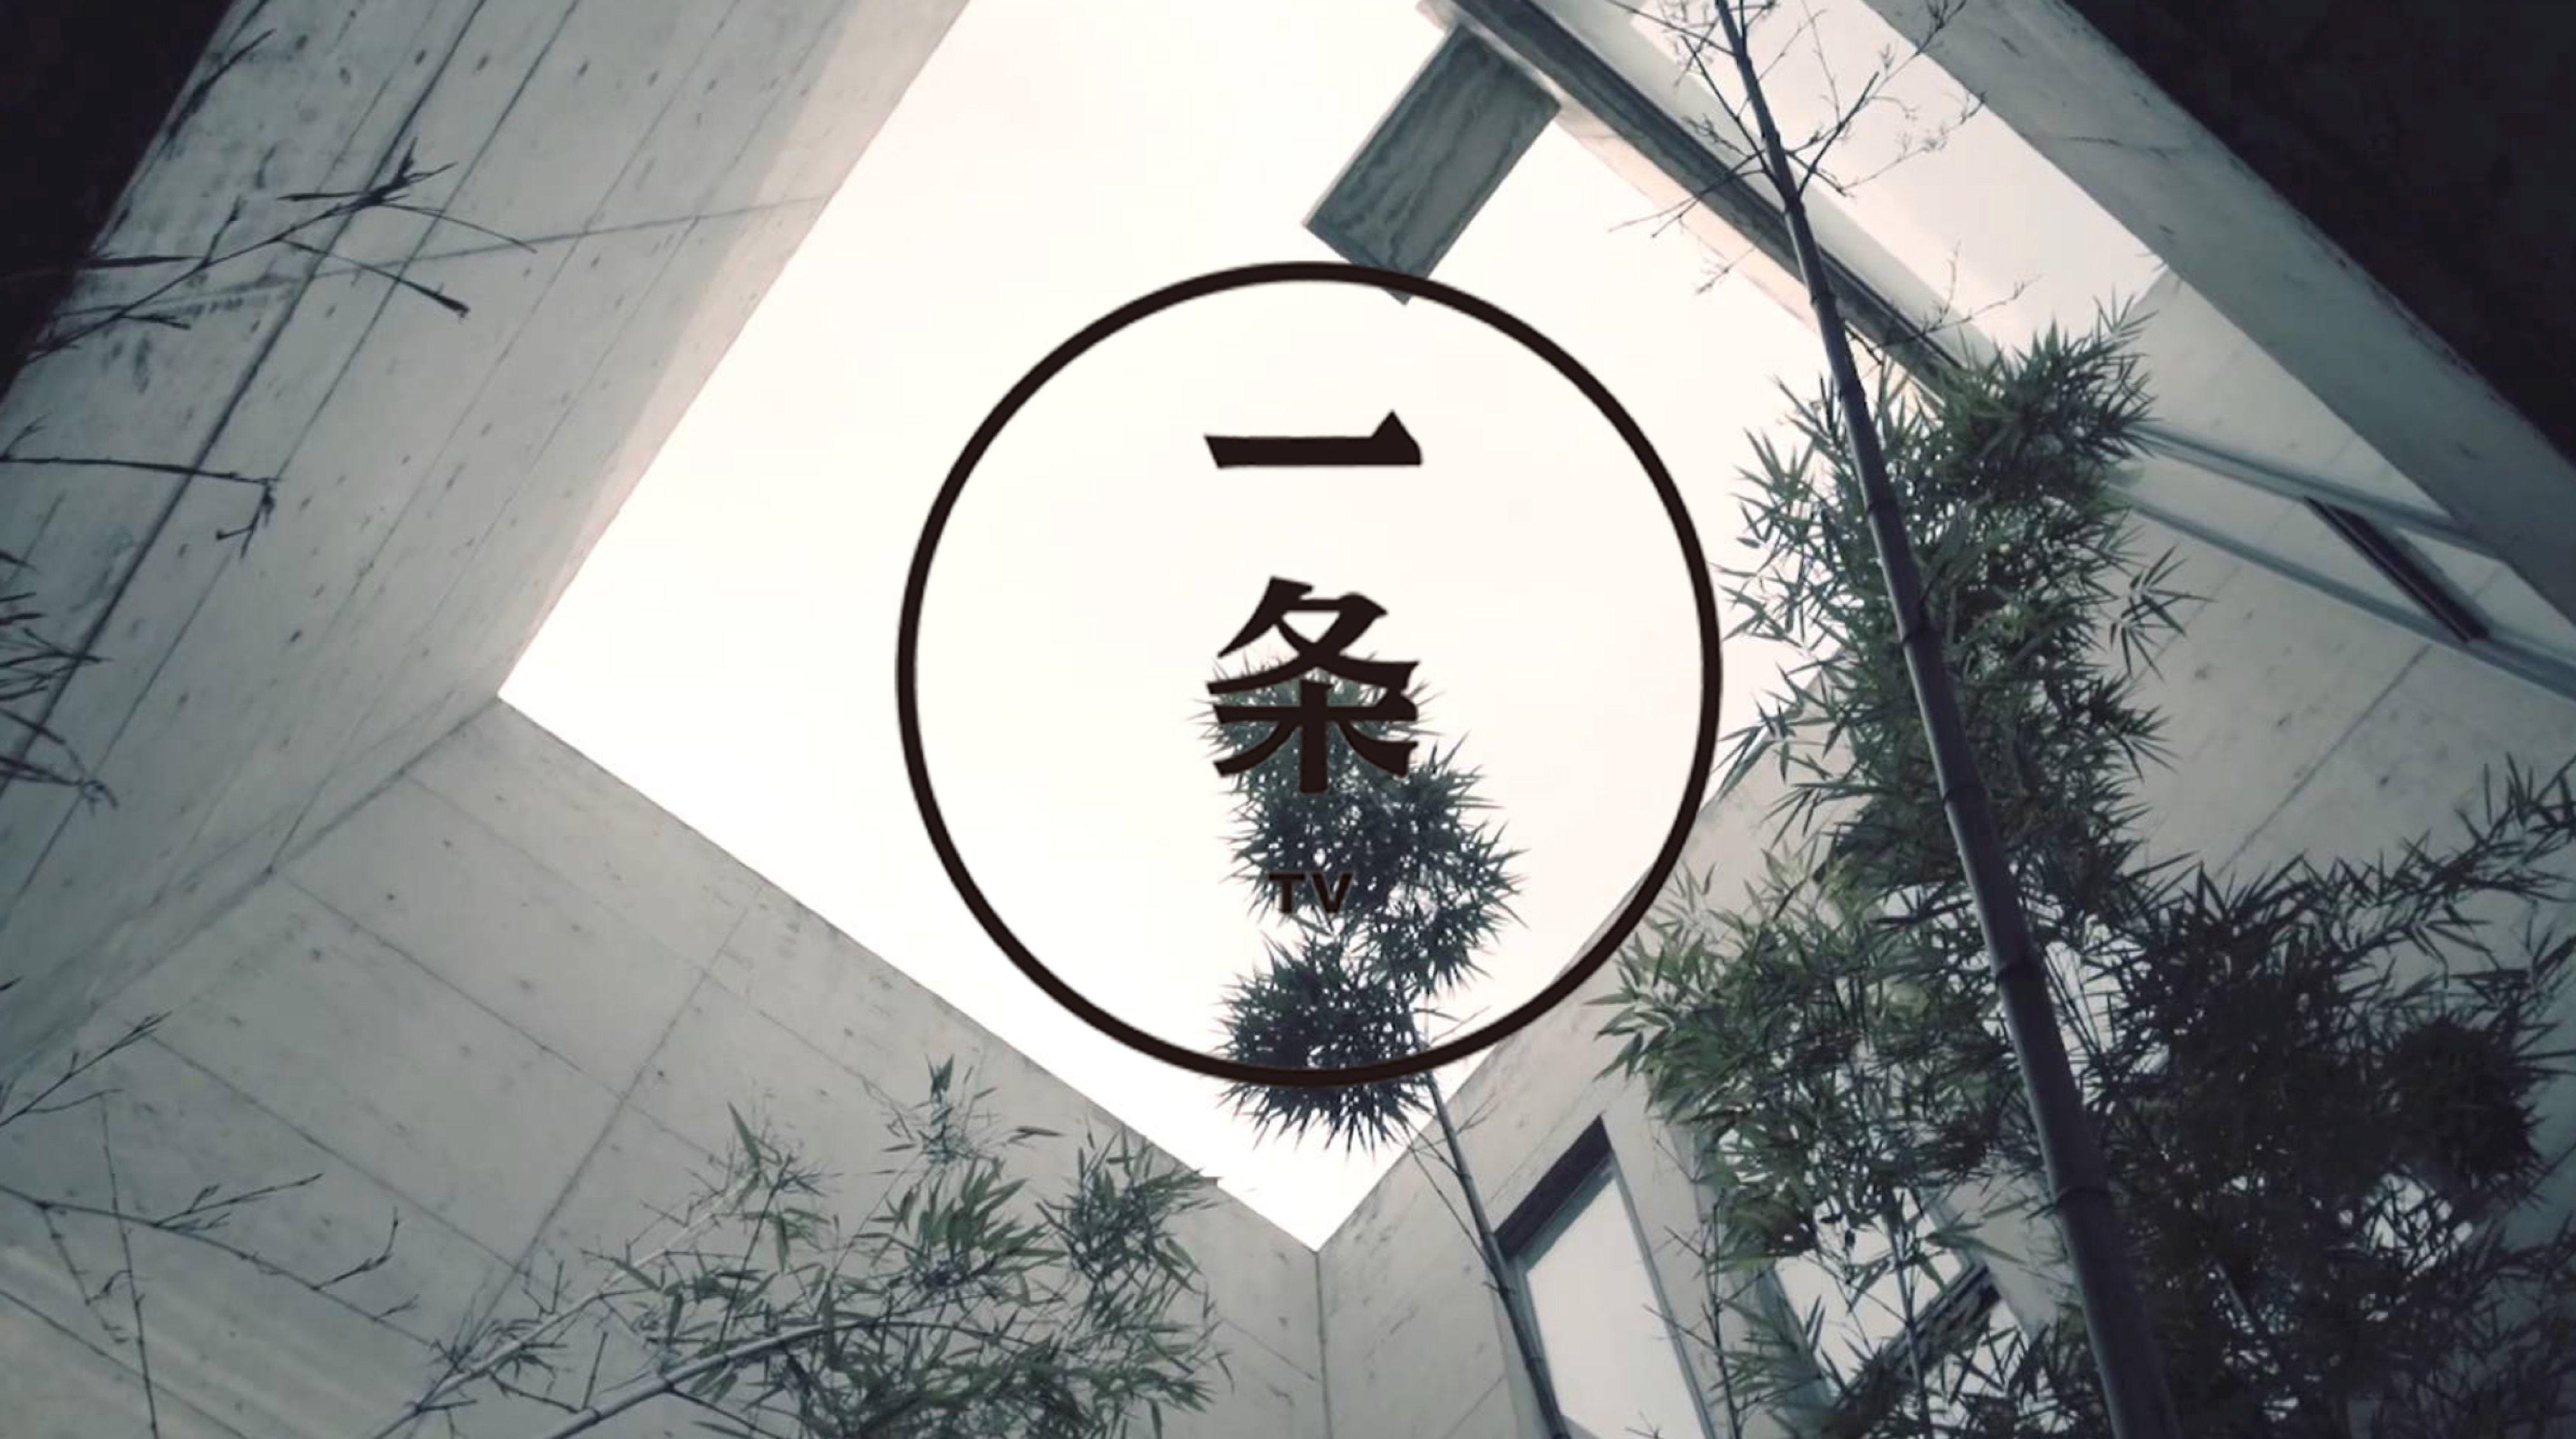 一条徐沪生:规模才是一切,没规模,再美也没人鸟你